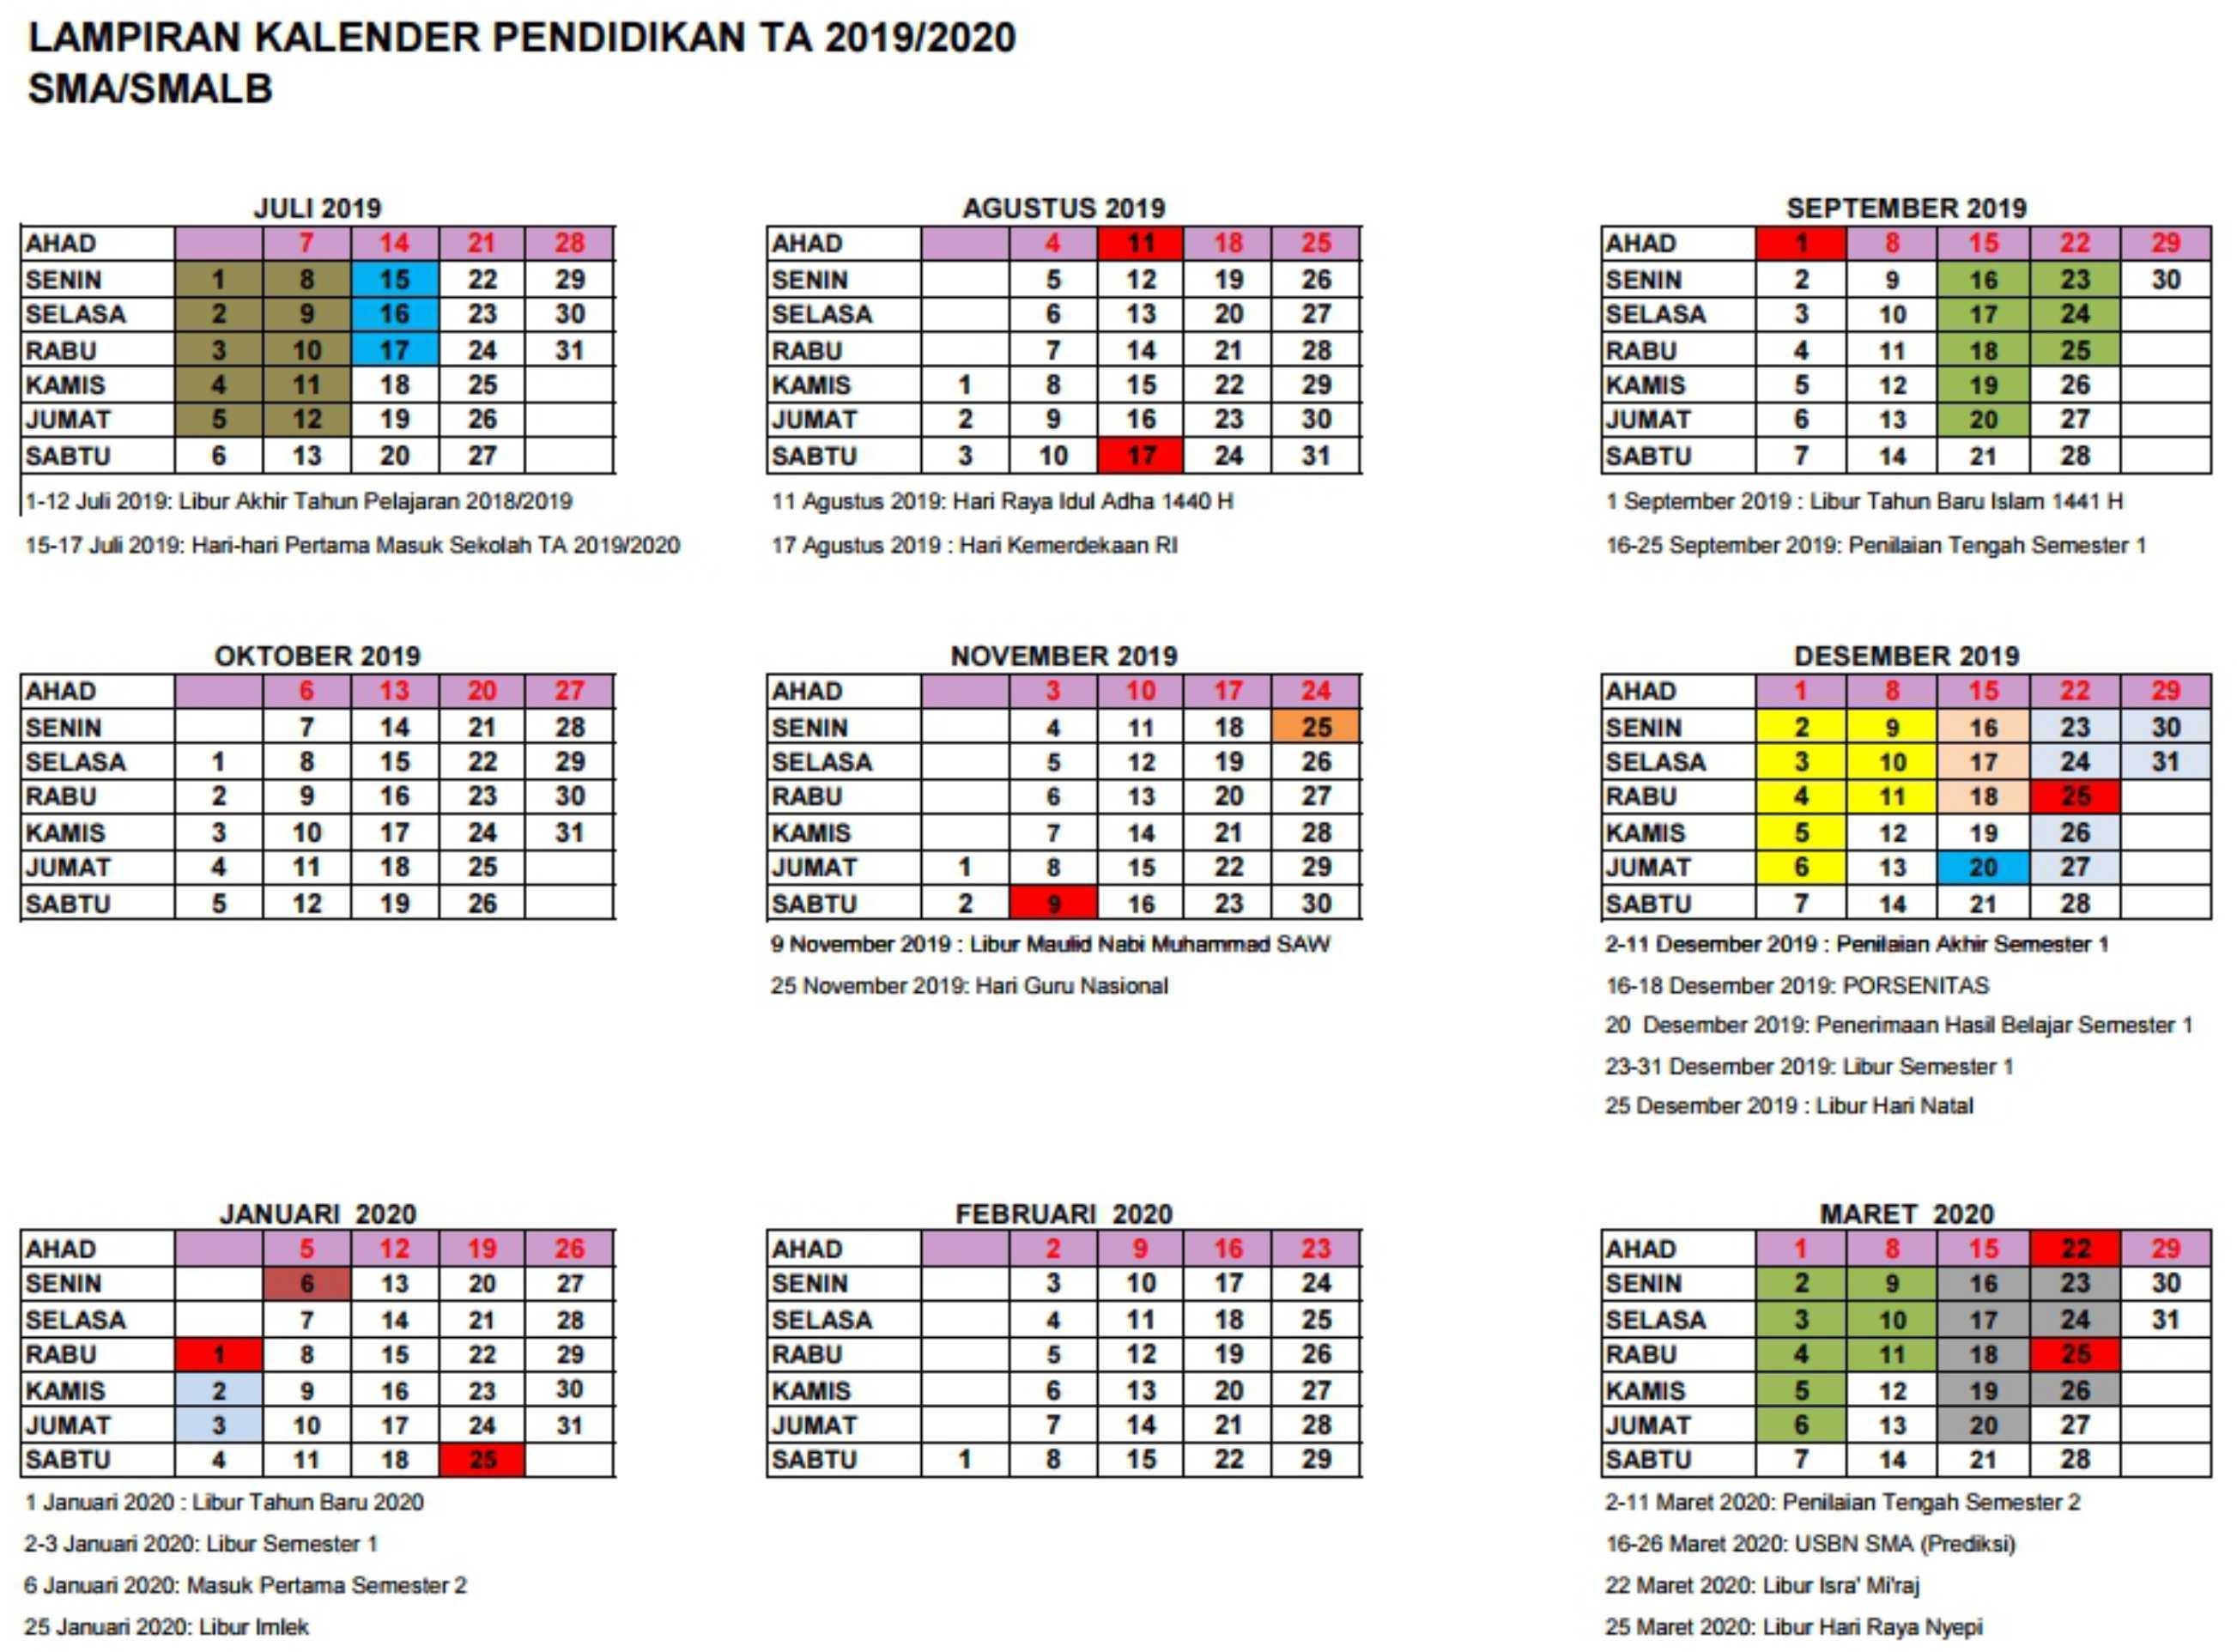 lampiran kalender pendidikan tahun ajaran 2019-2020 SMA SMALB DI yogyakarta